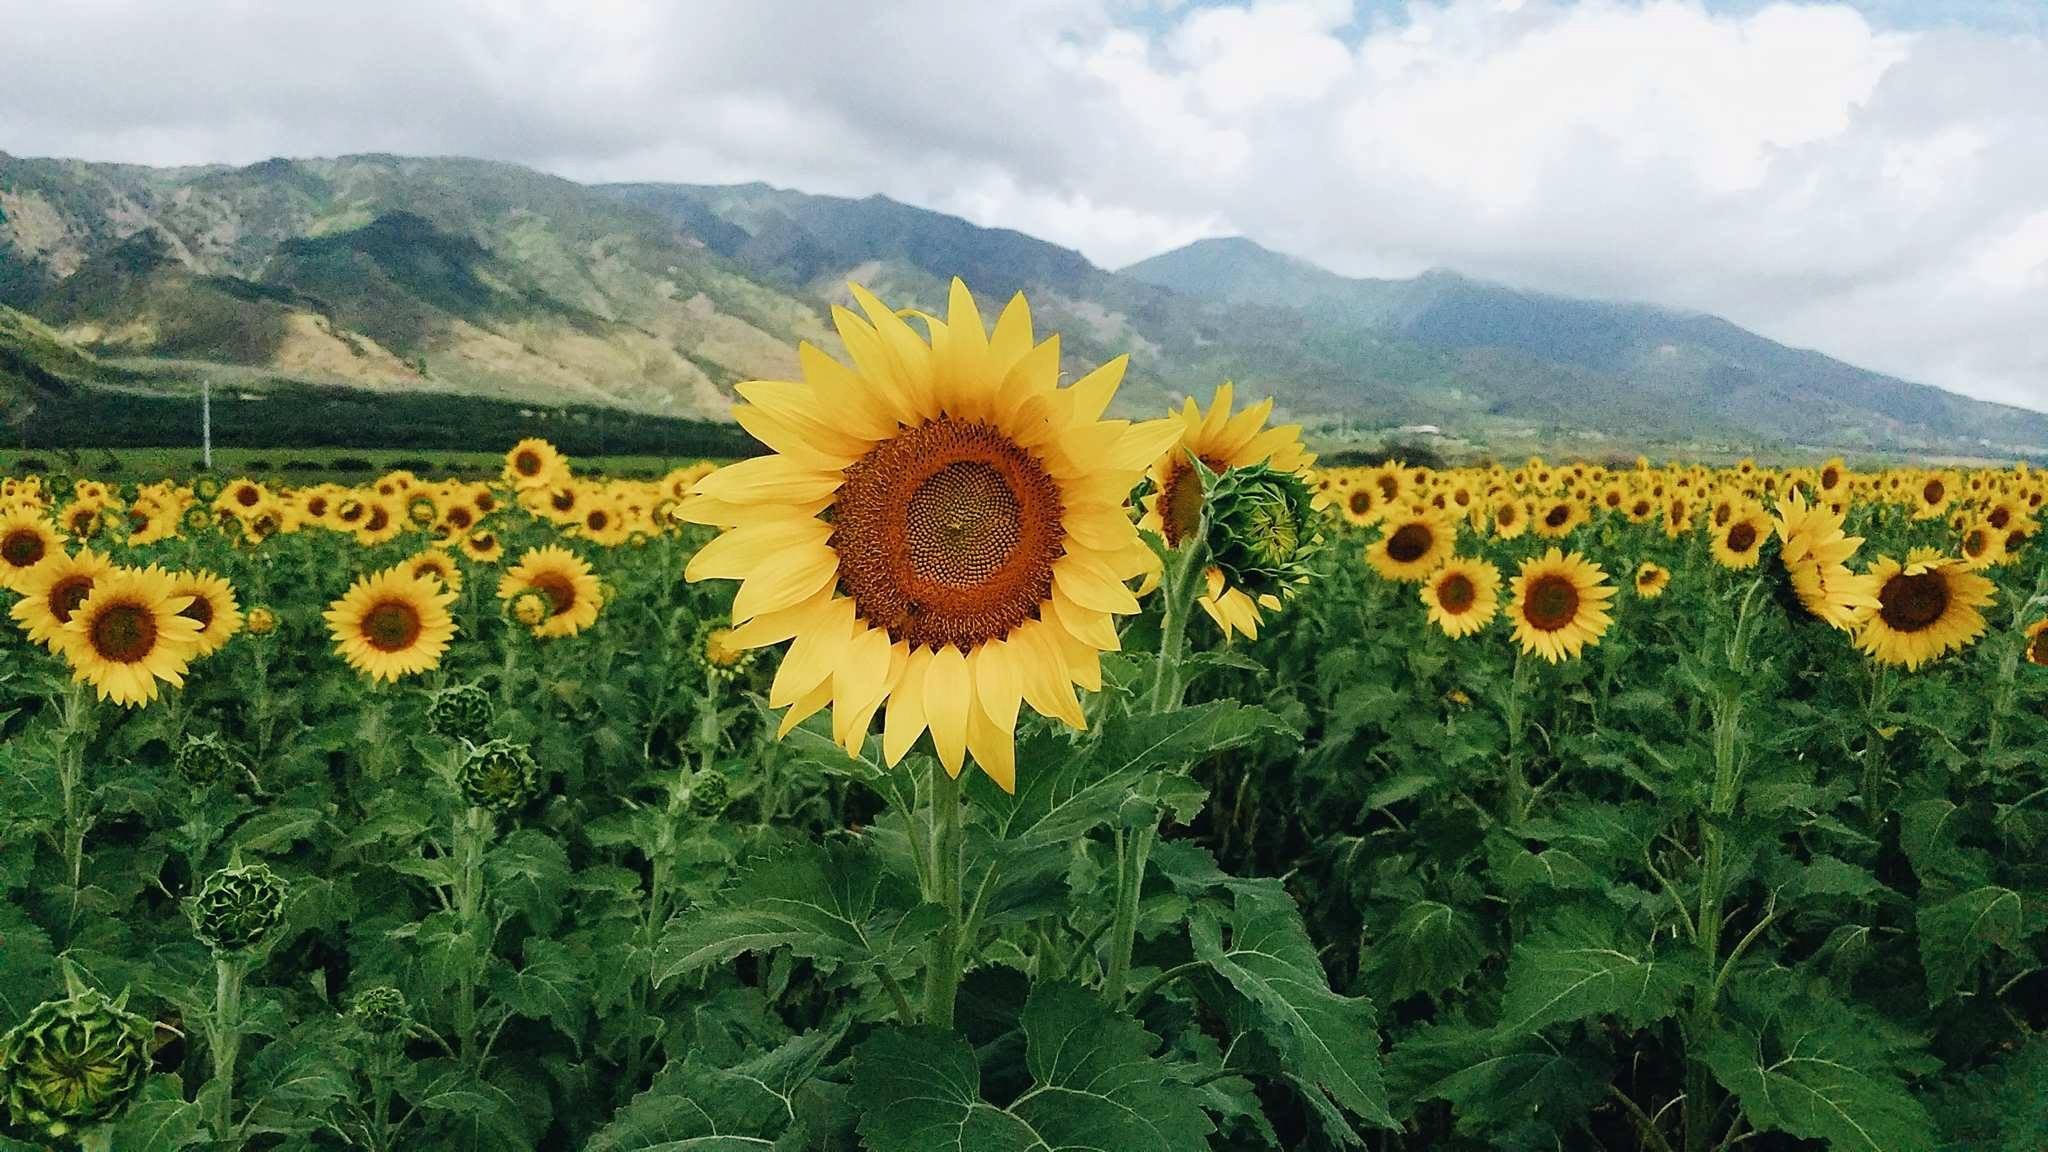 MauiSunflower_Brenden_Smith